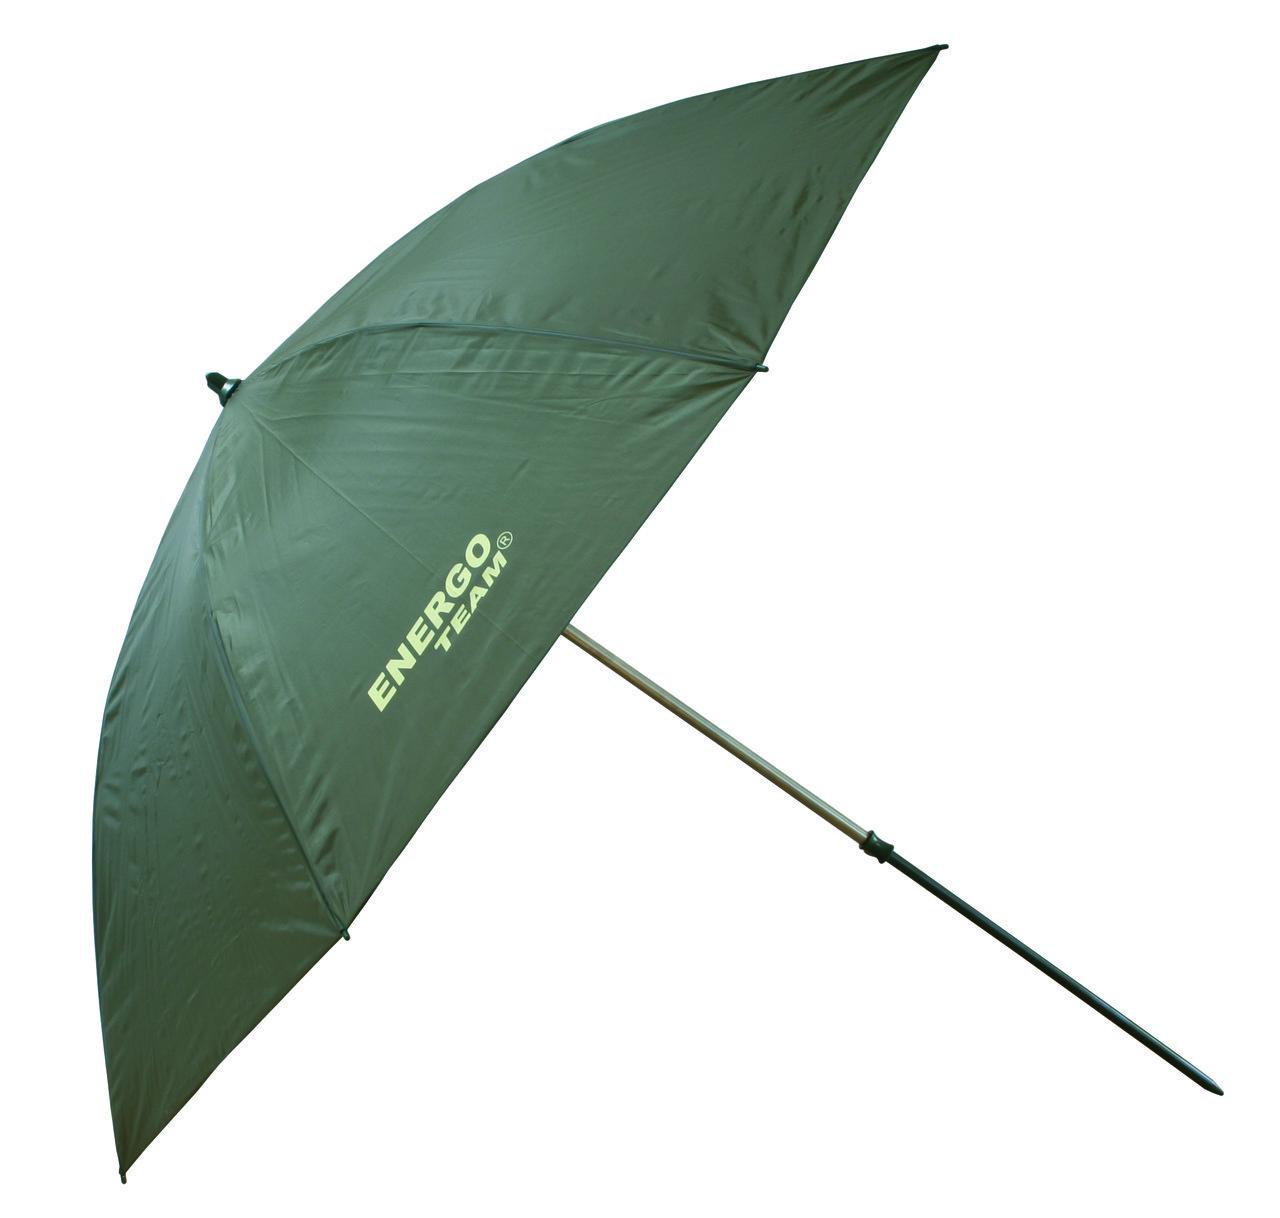 Зонт раскладной Energofish EnergoTeam Umbrella PVC 220 см c регулировкой наклона (73749220)